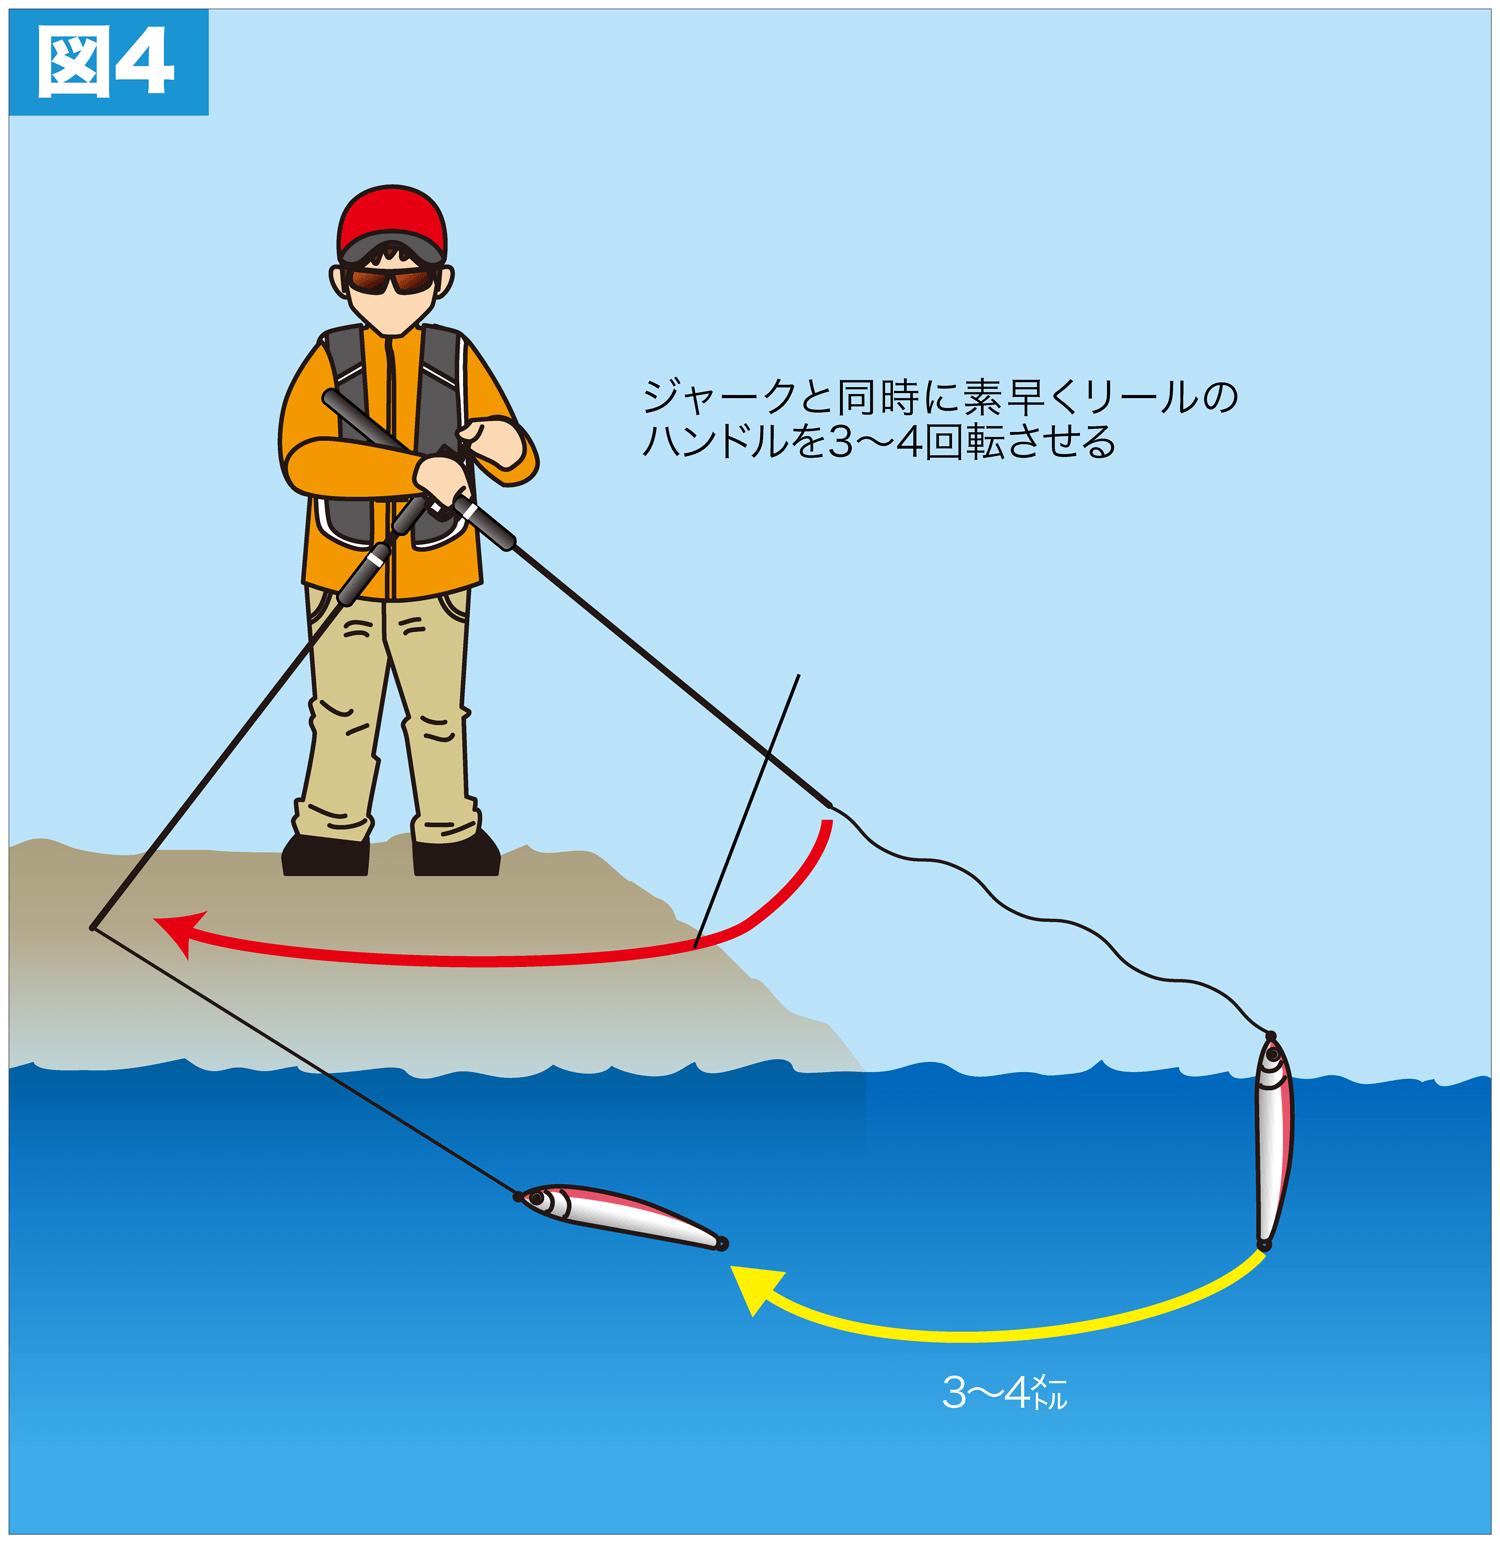 ショア青物ゲーム 釣り方9